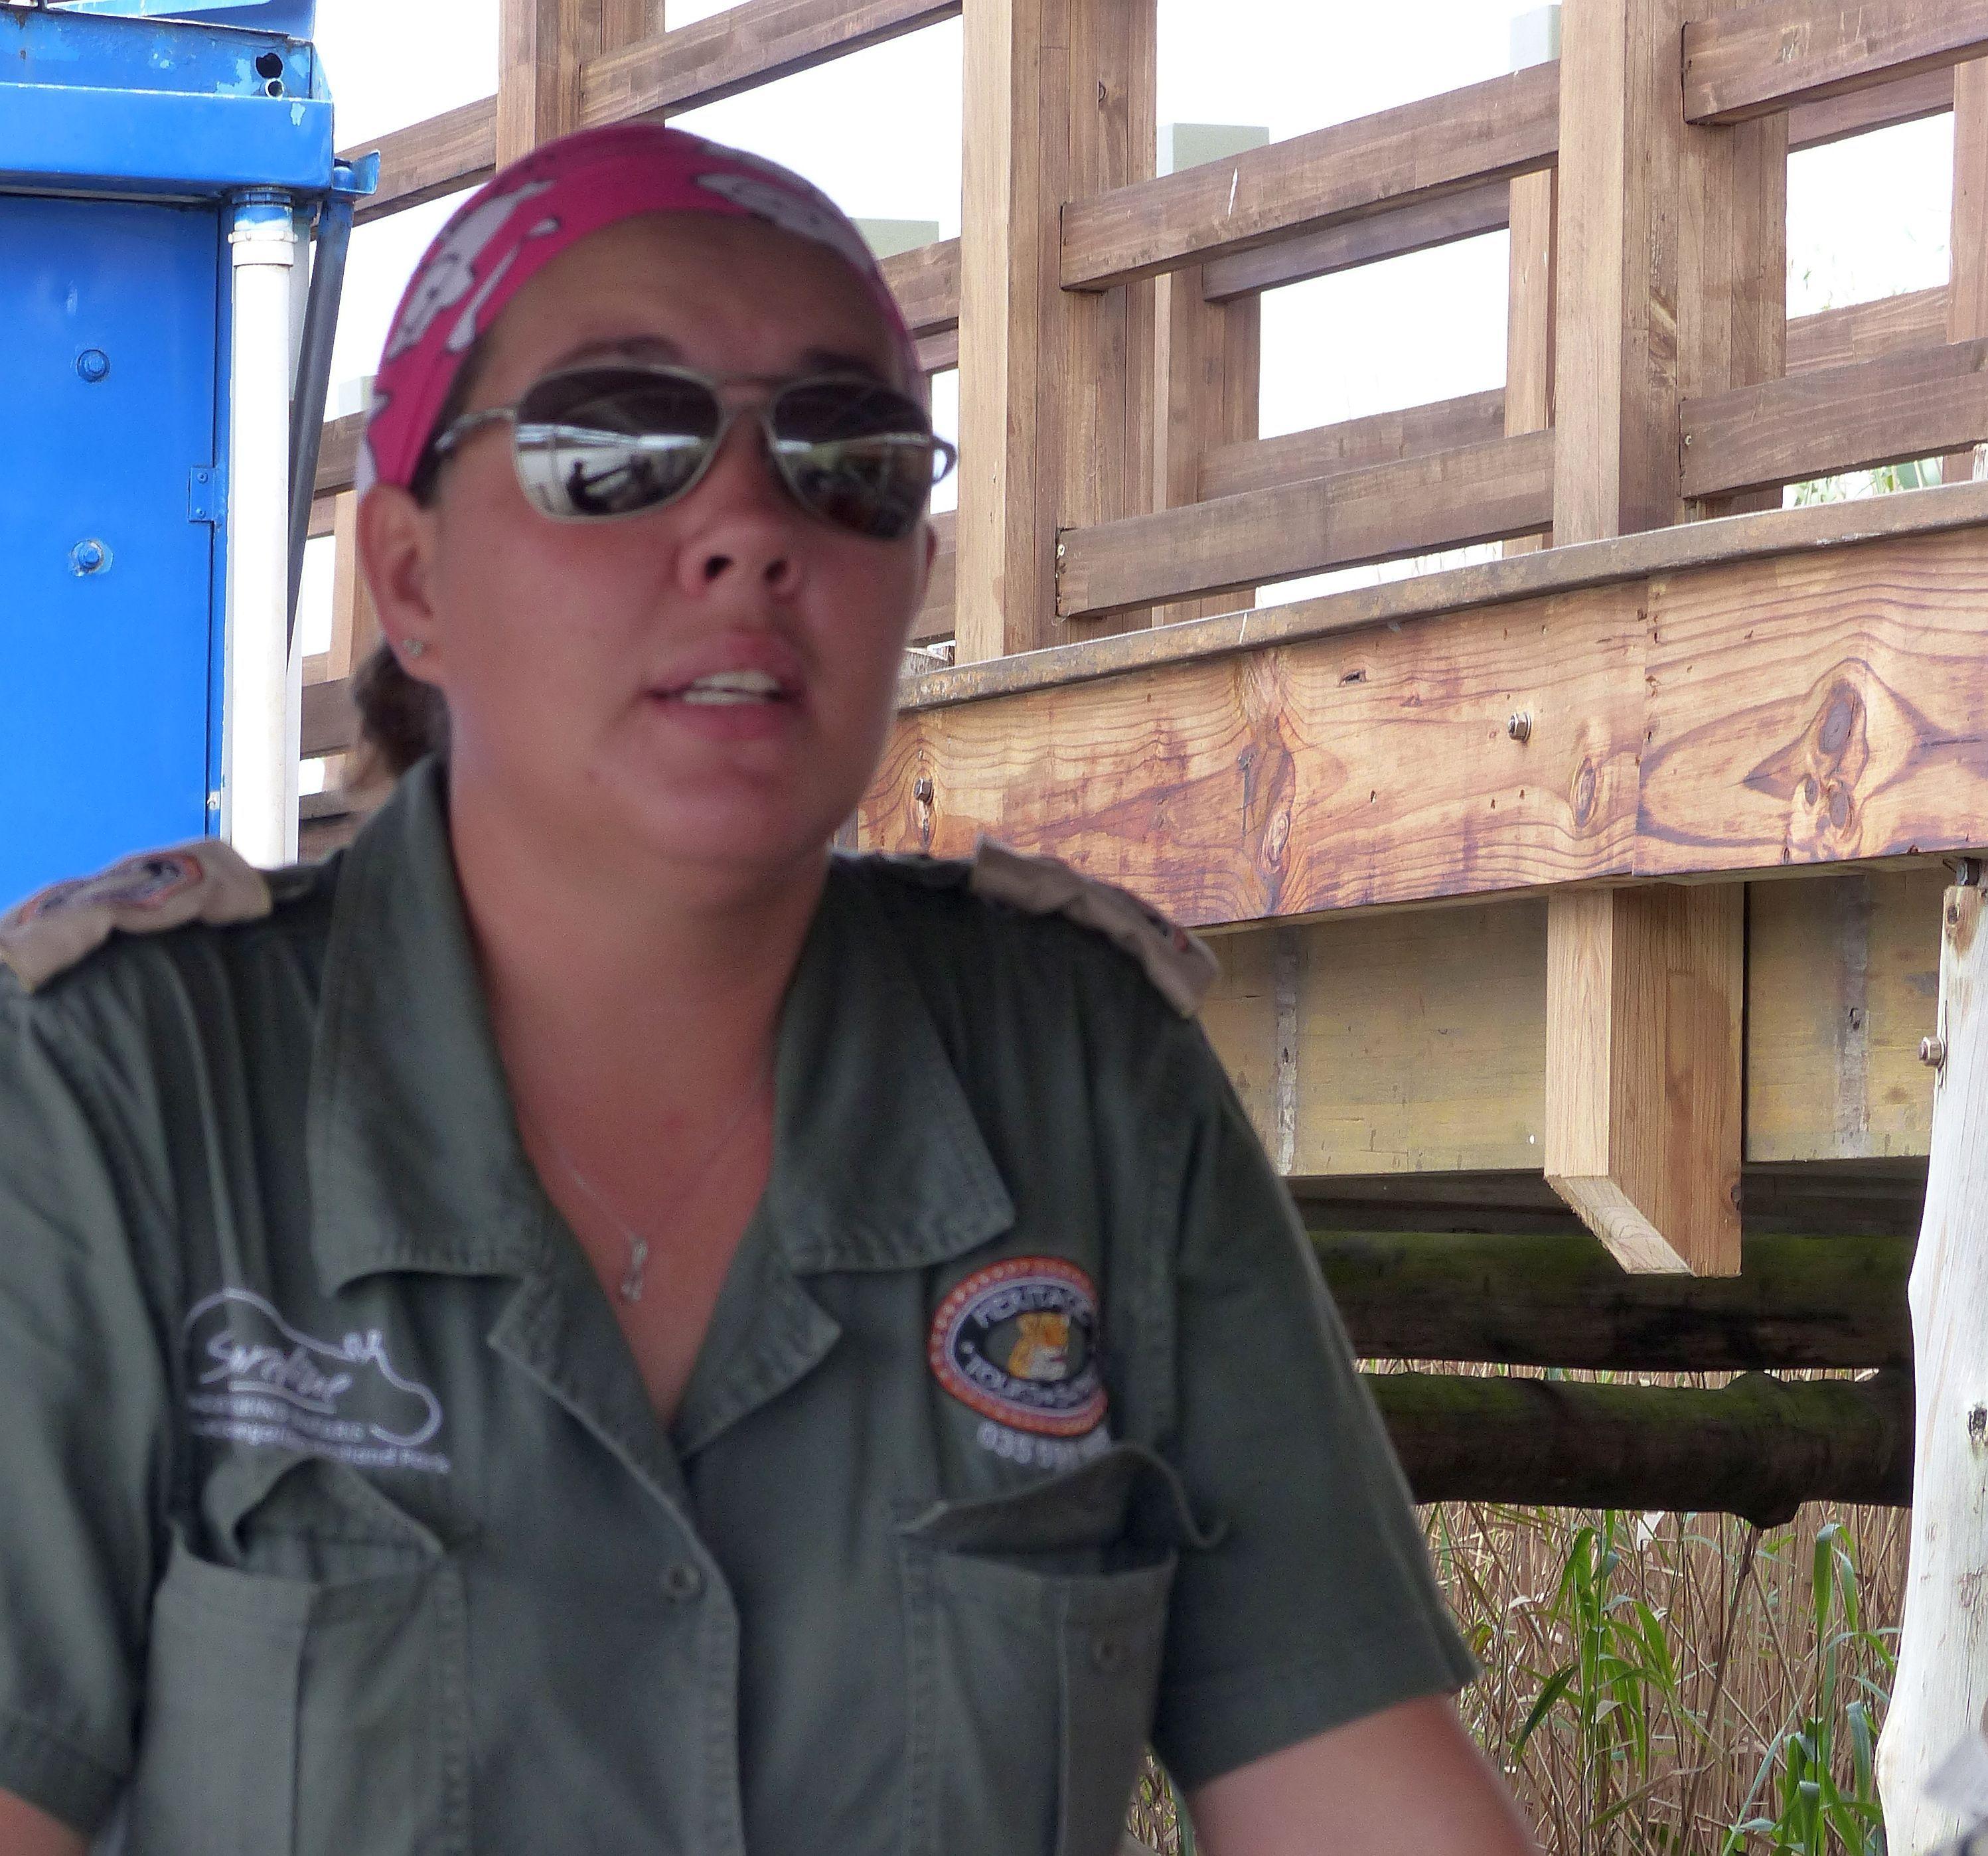 Erfahrene Guides begleiten die Fluss-Safari und kennen die Lieblingsplätze der Hippos